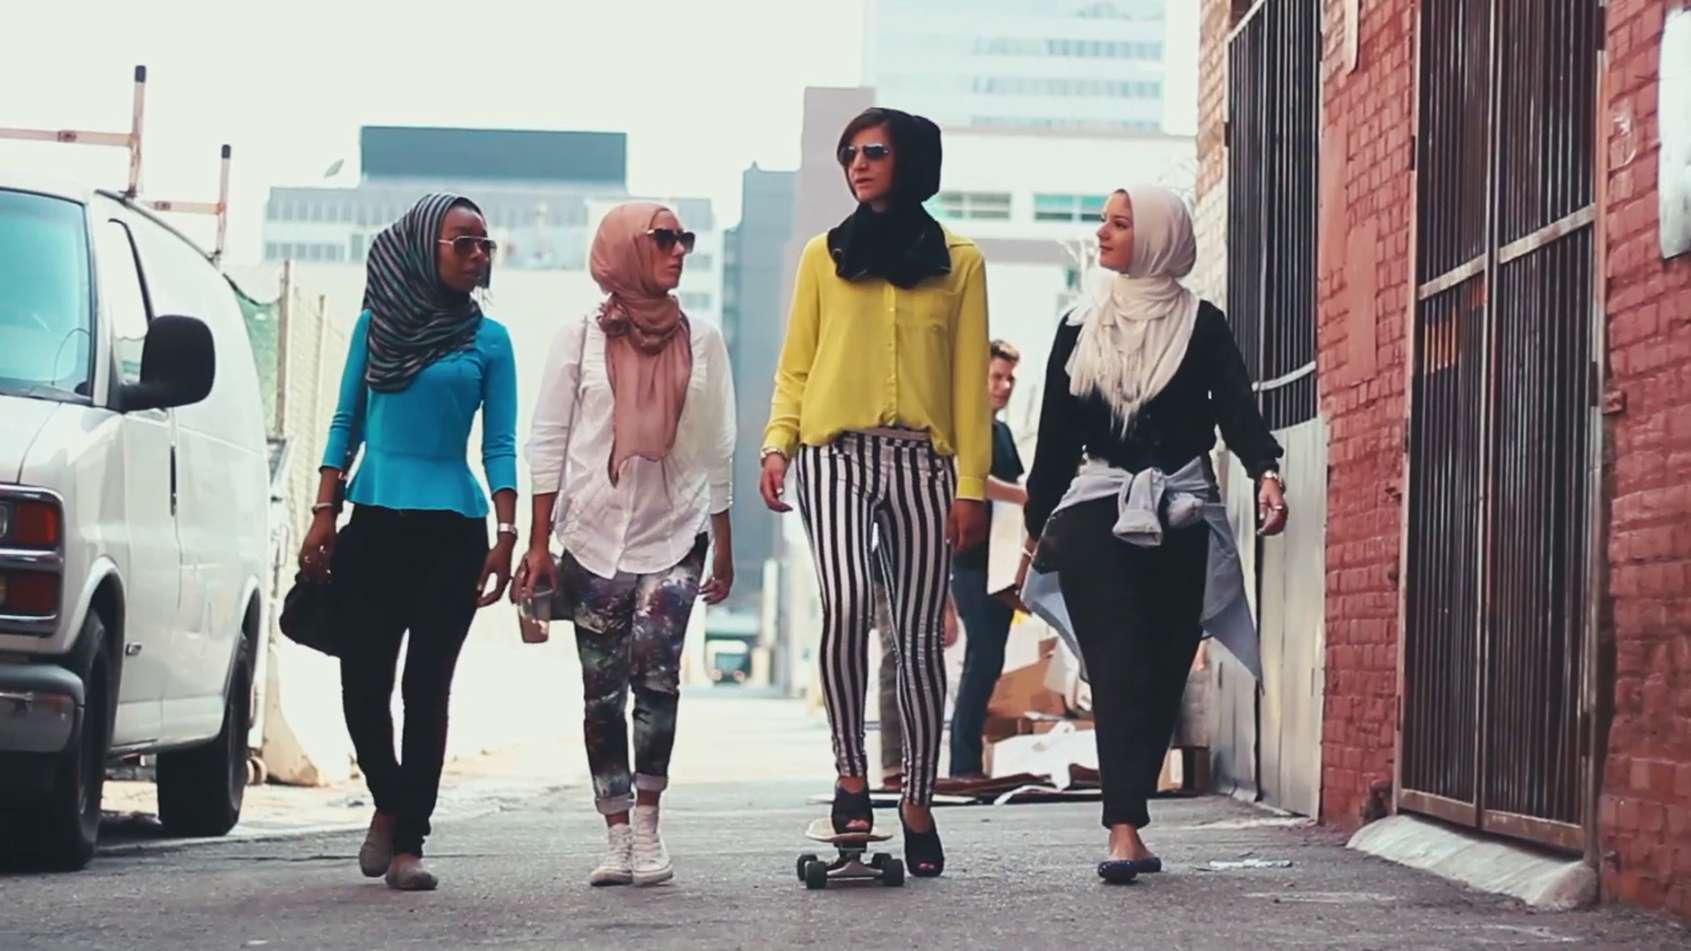 """Still aus dem Video """"Somewhere in America"""": Vier Frauen mit Kopftuch laufen eine Straße entlang."""